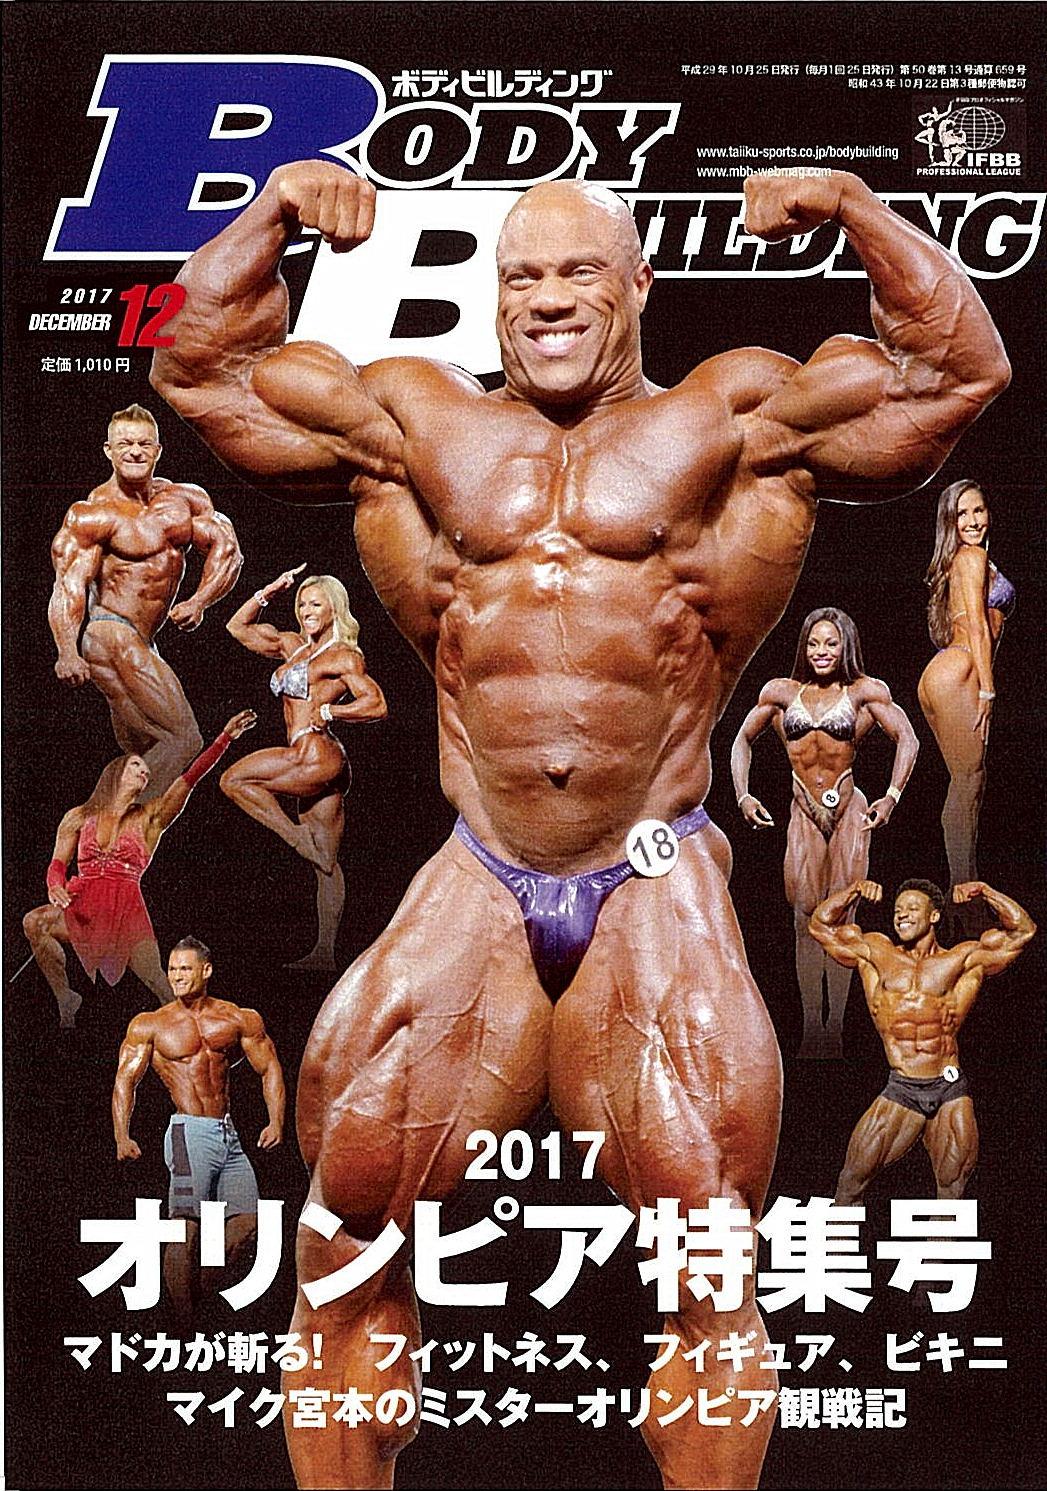 書籍/DVD【月刊ボディビルディング】月刊ボディビルディング 2017年12月号